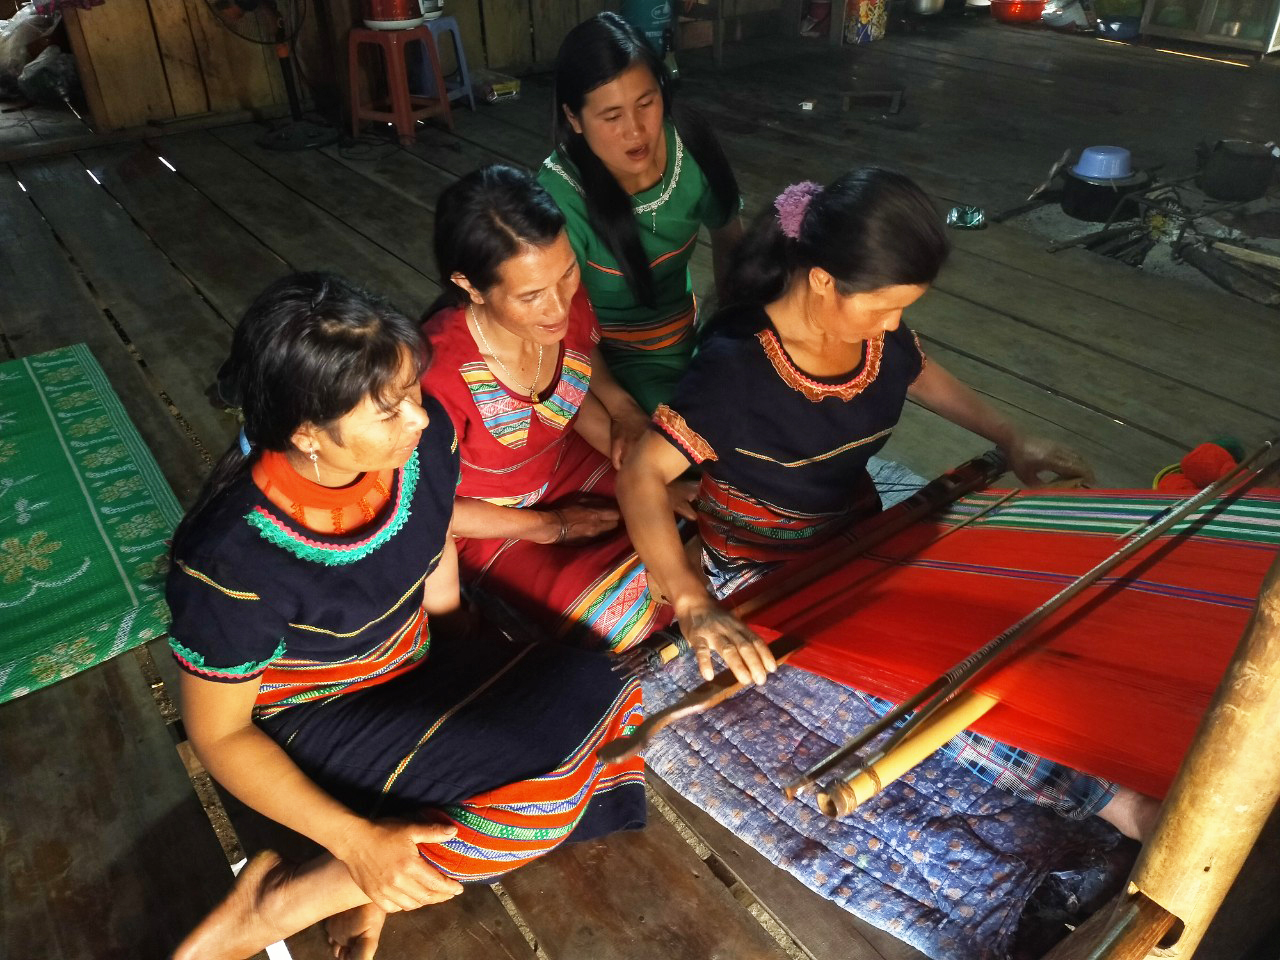 Tổ dệt thổ cẩm làng Pu Tá của chị Y Hlạng góp phần gìn giữ bản sắc văn hóa dân tộc Xơ Đăng. Ảnh: PN